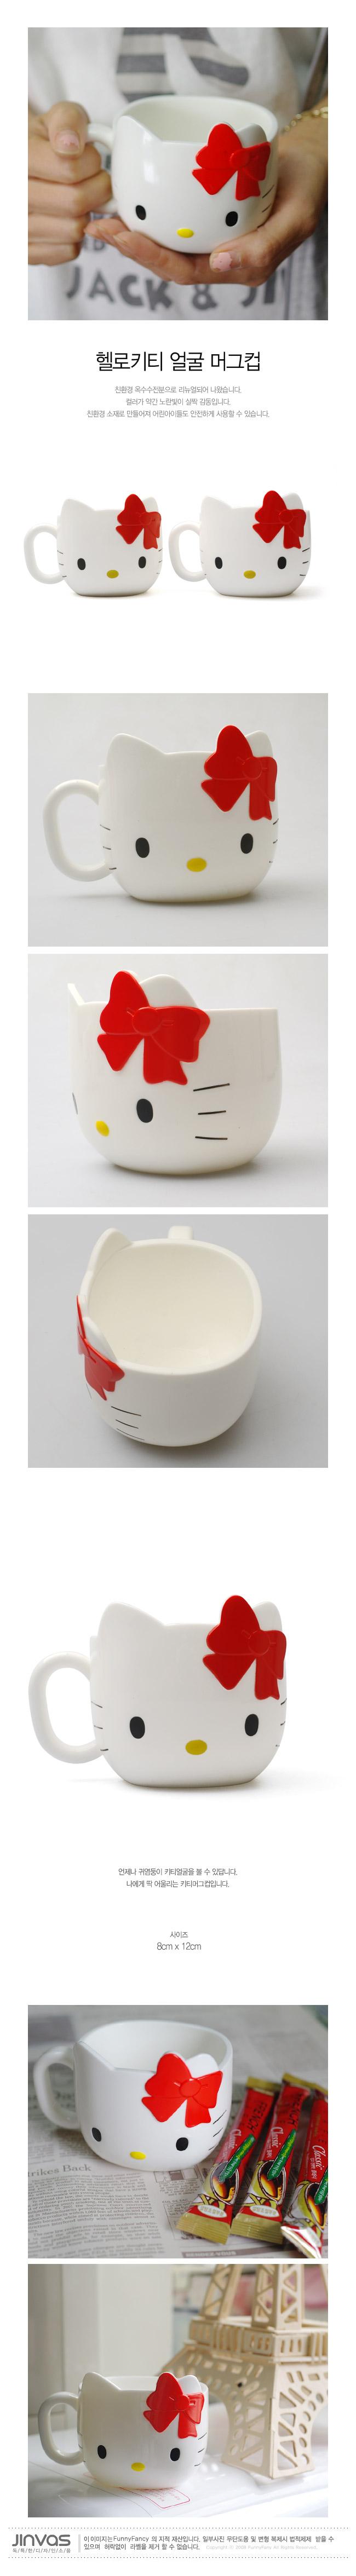 헬로키티 얼굴 머그컵 - 디자인에버, 4,500원, 머그컵, 일러스트머그